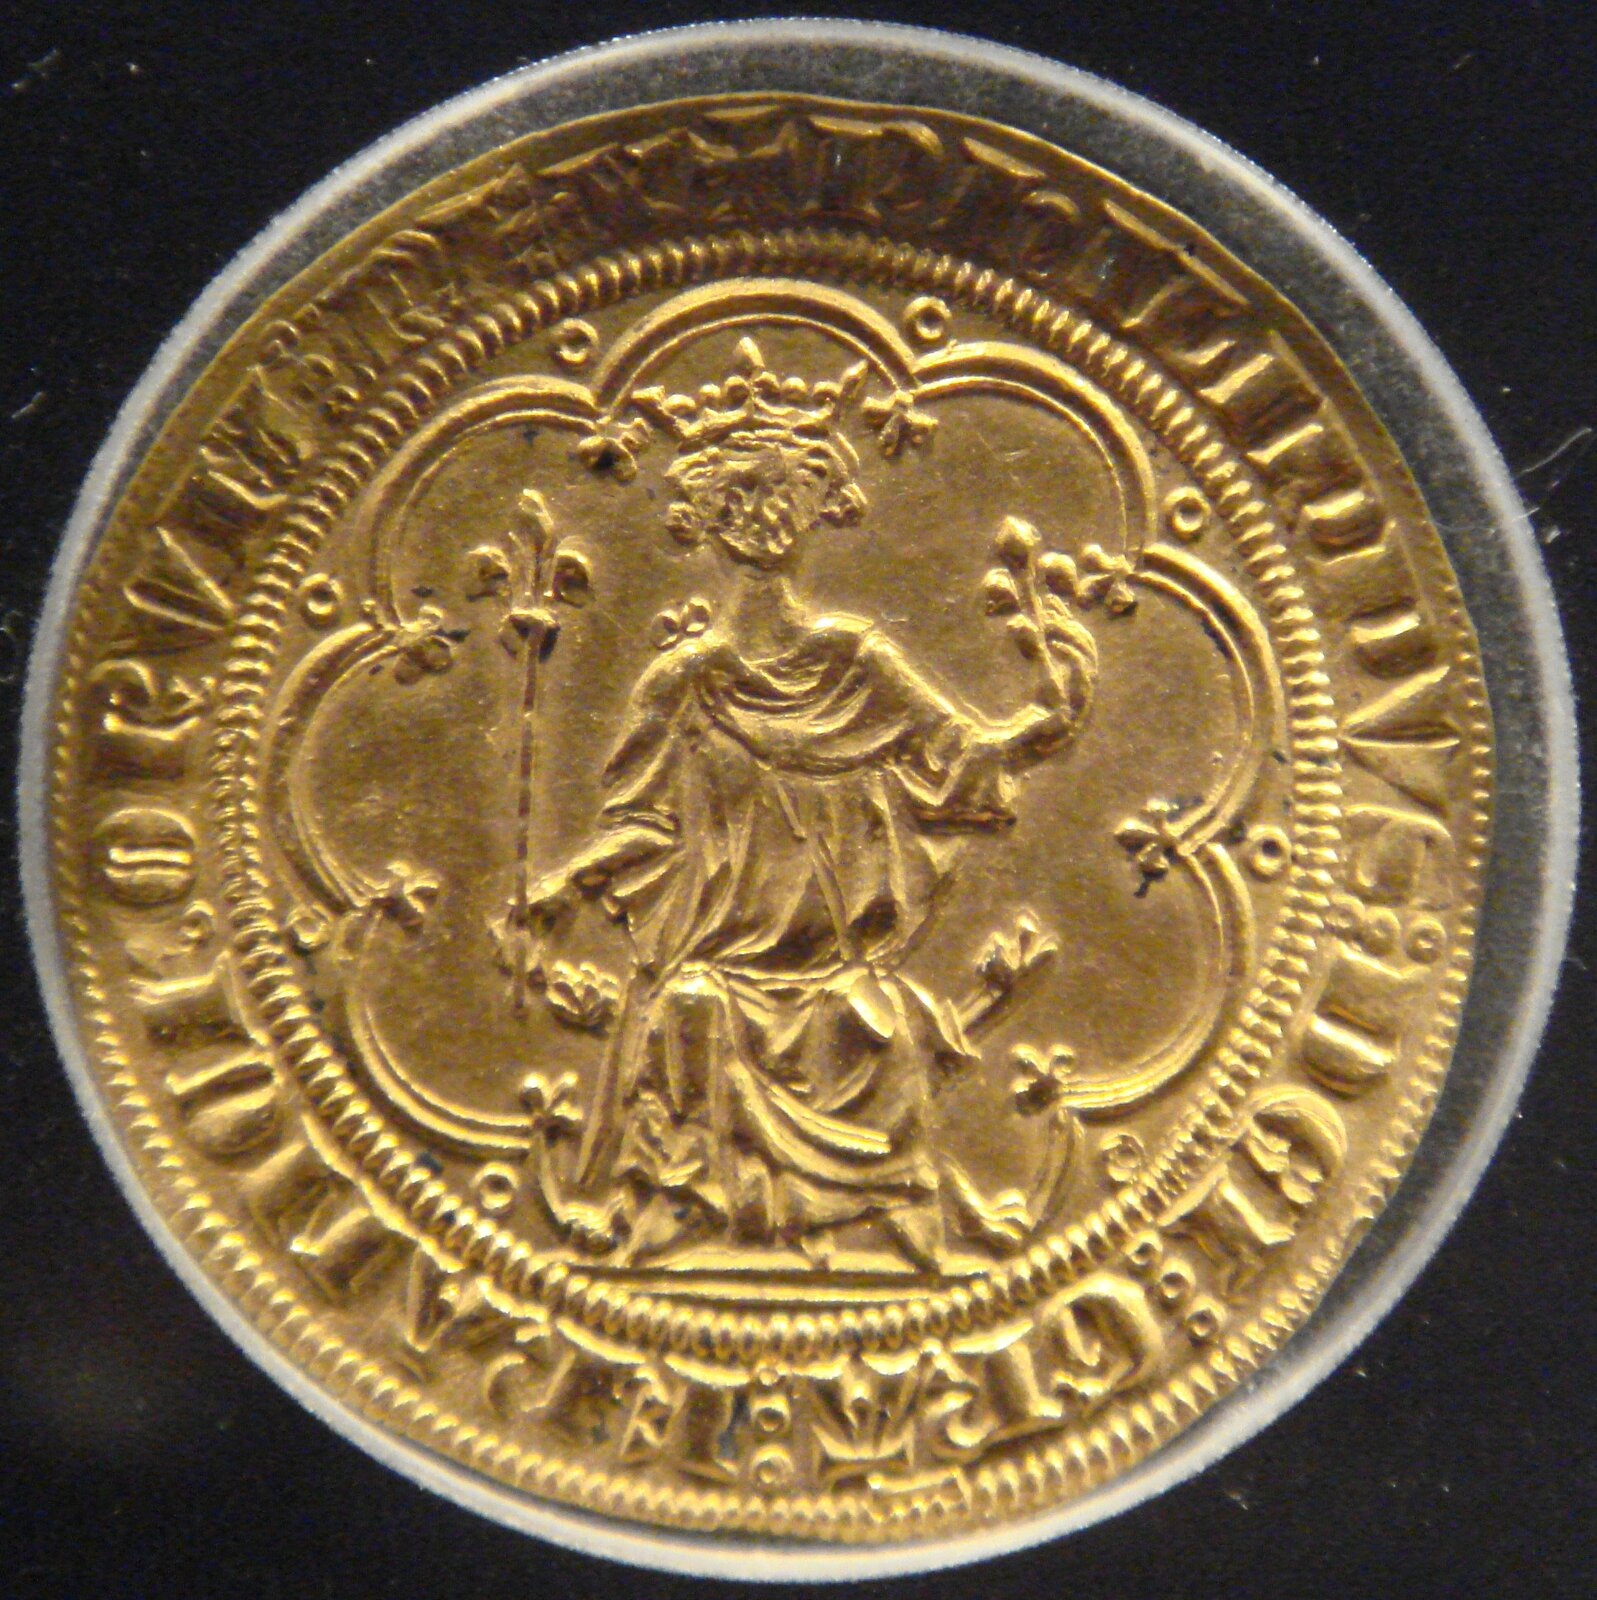 Moneta przedstawiająca Filipa IV Pięknego Źródło: PHGCOM, Moneta przedstawiająca Filipa IV Pięknego, licencja: CC BY-SA 3.0.